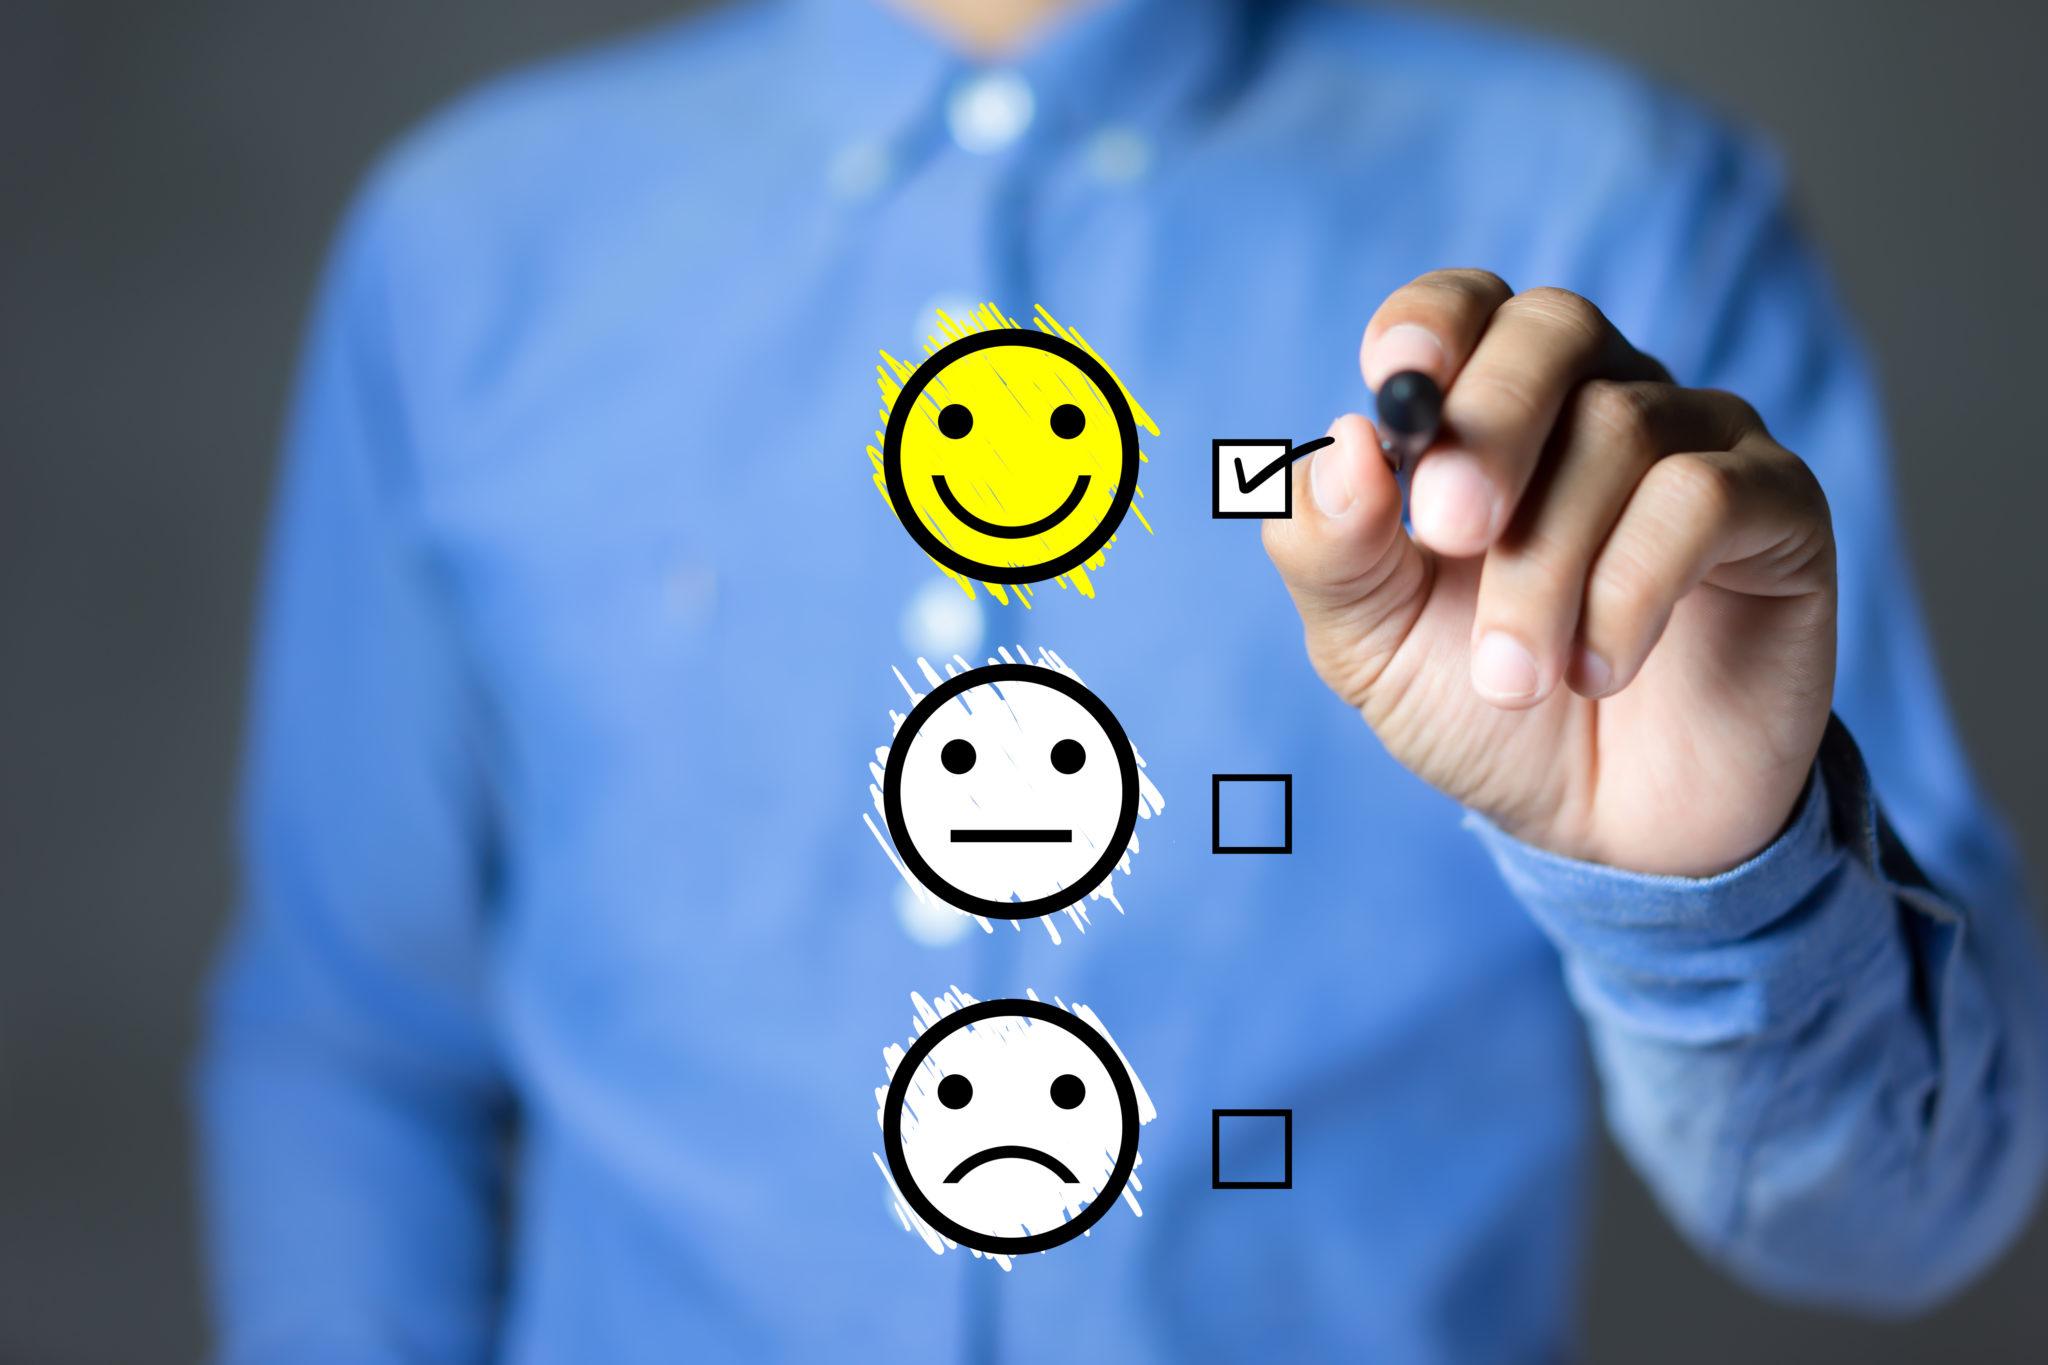 Анкета към нашите клиенти- споделете вашето мнение и спечелете!